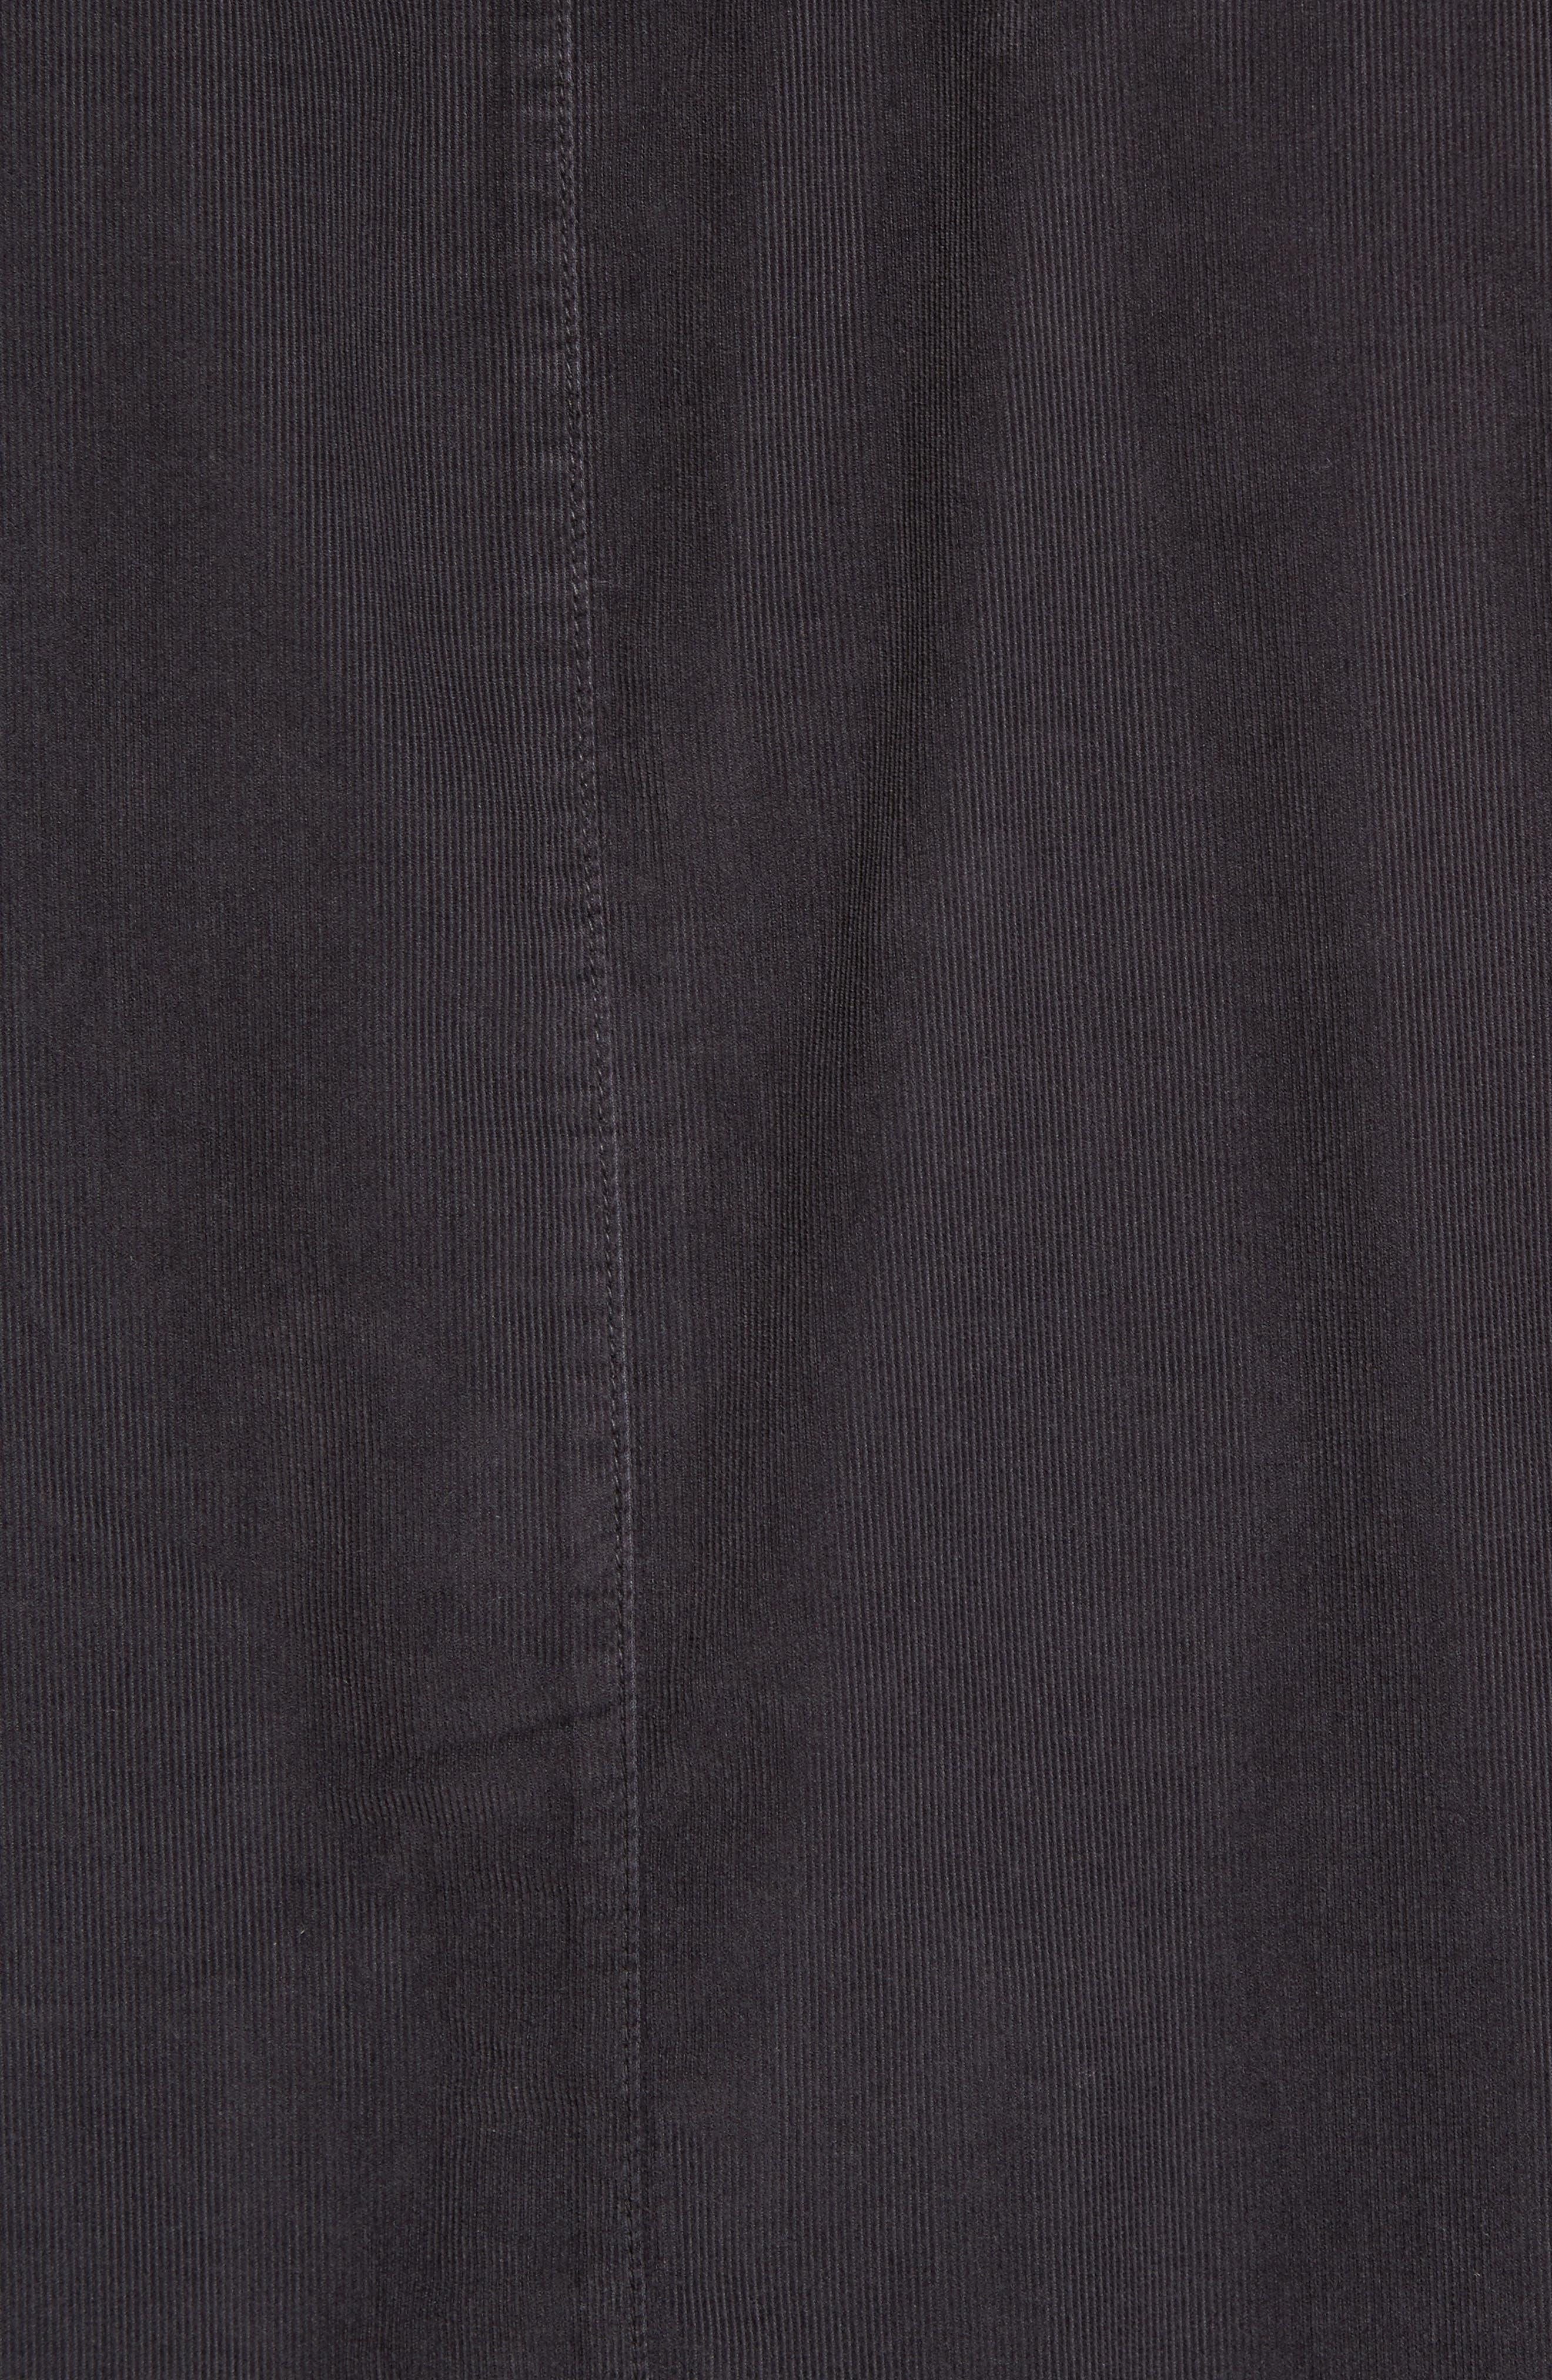 Corduroy Sport Shirt,                             Alternate thumbnail 5, color,                             Carbon Pigment